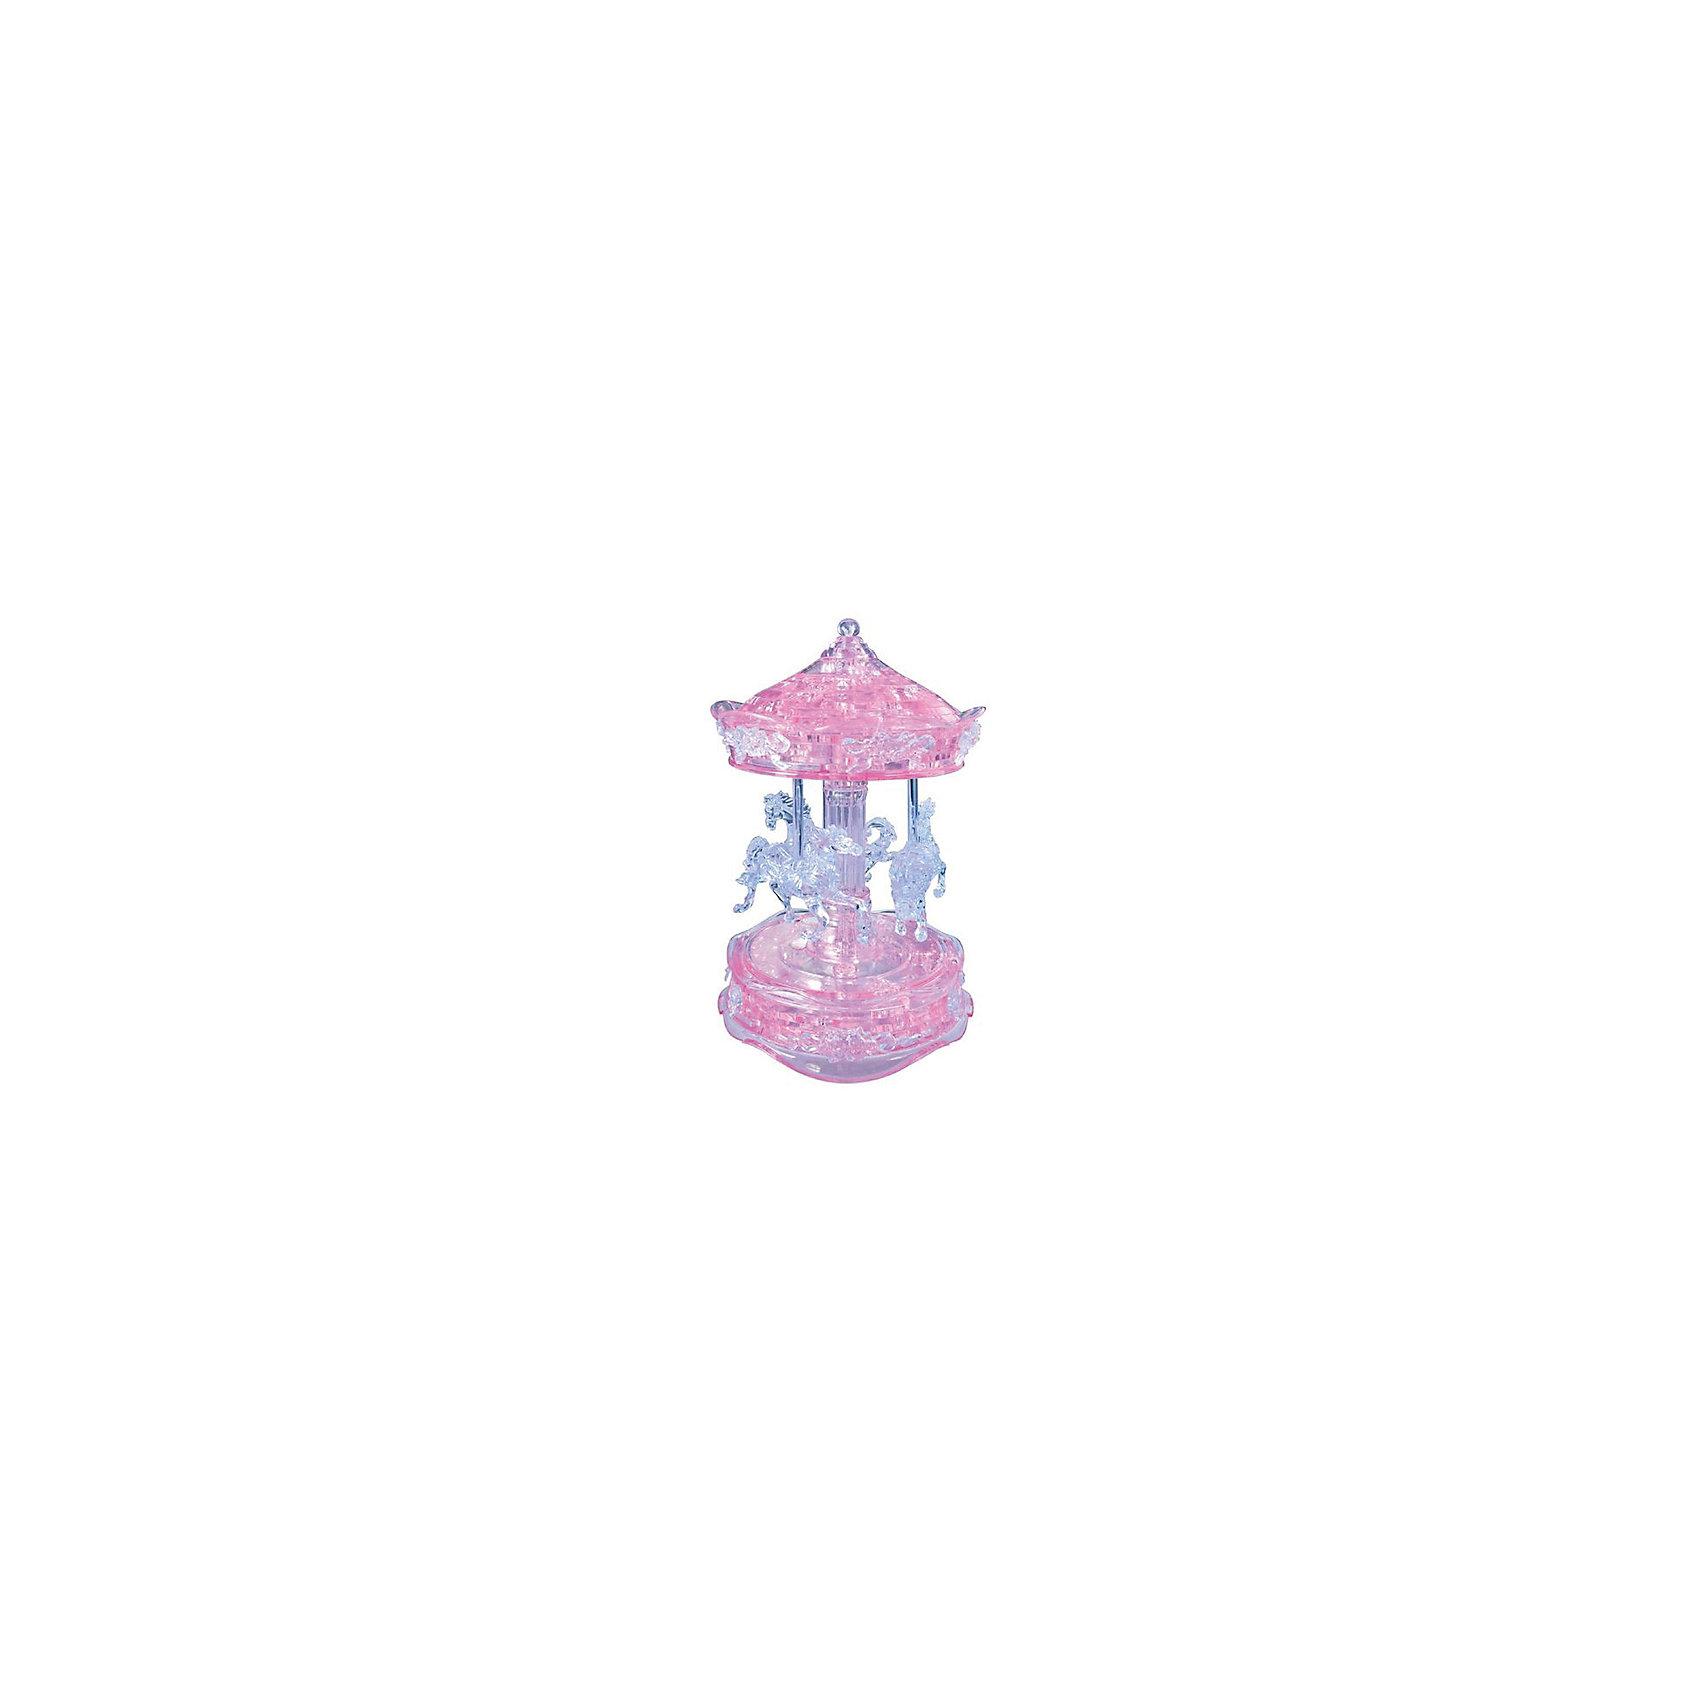 Кристаллический пазл 3D Розовая карусель, Crystal PuzzleКристаллический пазл 3D Розовая карусель, Crystal Puzzle (Кристал Пазл)<br><br>Характеристики:<br><br>• яркий объемный пазл<br>• размер готовой фигурки: 19 см<br>• количество деталей: 83<br>• высокая сложность<br>• размер упаковки: 6х19х8 см<br>• вес: 468 грамм<br>• материал: пластик<br><br>Кристаллический пазл Розовая карусель выглядит по-настоящему волшебным. И пусть высокая сложность сборки вас не пугает, ведь результат будет удивительным! В комплект входят 83 сверкающие детали из пластика. Все детали пронумерованы, а инструкция поможет вам подробно разобраться в процессе сборки и не допустить ошибки. Готовая карусель в стиле 19 века - прекрасный сувенир, который украсит любую комнату.<br>Процесс собирания пазлов развивает логику, внимательность, пространственное мышление и усидчивость.<br><br>Кристаллический пазл 3D Розовая карусель, Crystal Puzzle (Кристал Пазл) вы можете купить в нашем интернет-магазине.<br><br>Ширина мм: 180<br>Глубина мм: 190<br>Высота мм: 60<br>Вес г: 468<br>Возраст от месяцев: 120<br>Возраст до месяцев: 2147483647<br>Пол: Женский<br>Возраст: Детский<br>SKU: 5397233